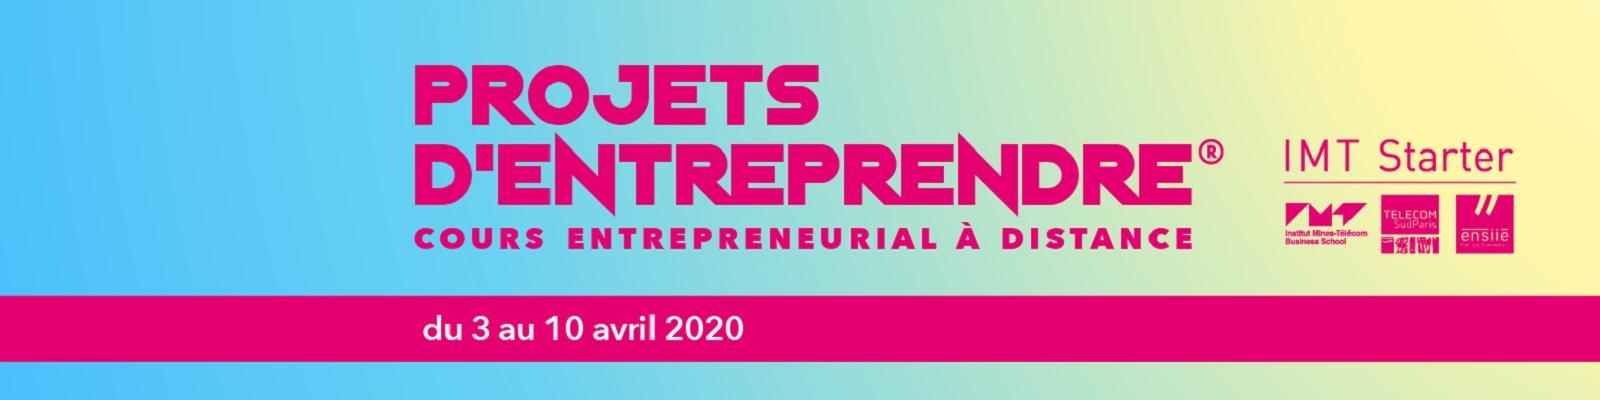 Projets d'Entreprendre, le cours massif à distance d'entrepreneuriat en groupe